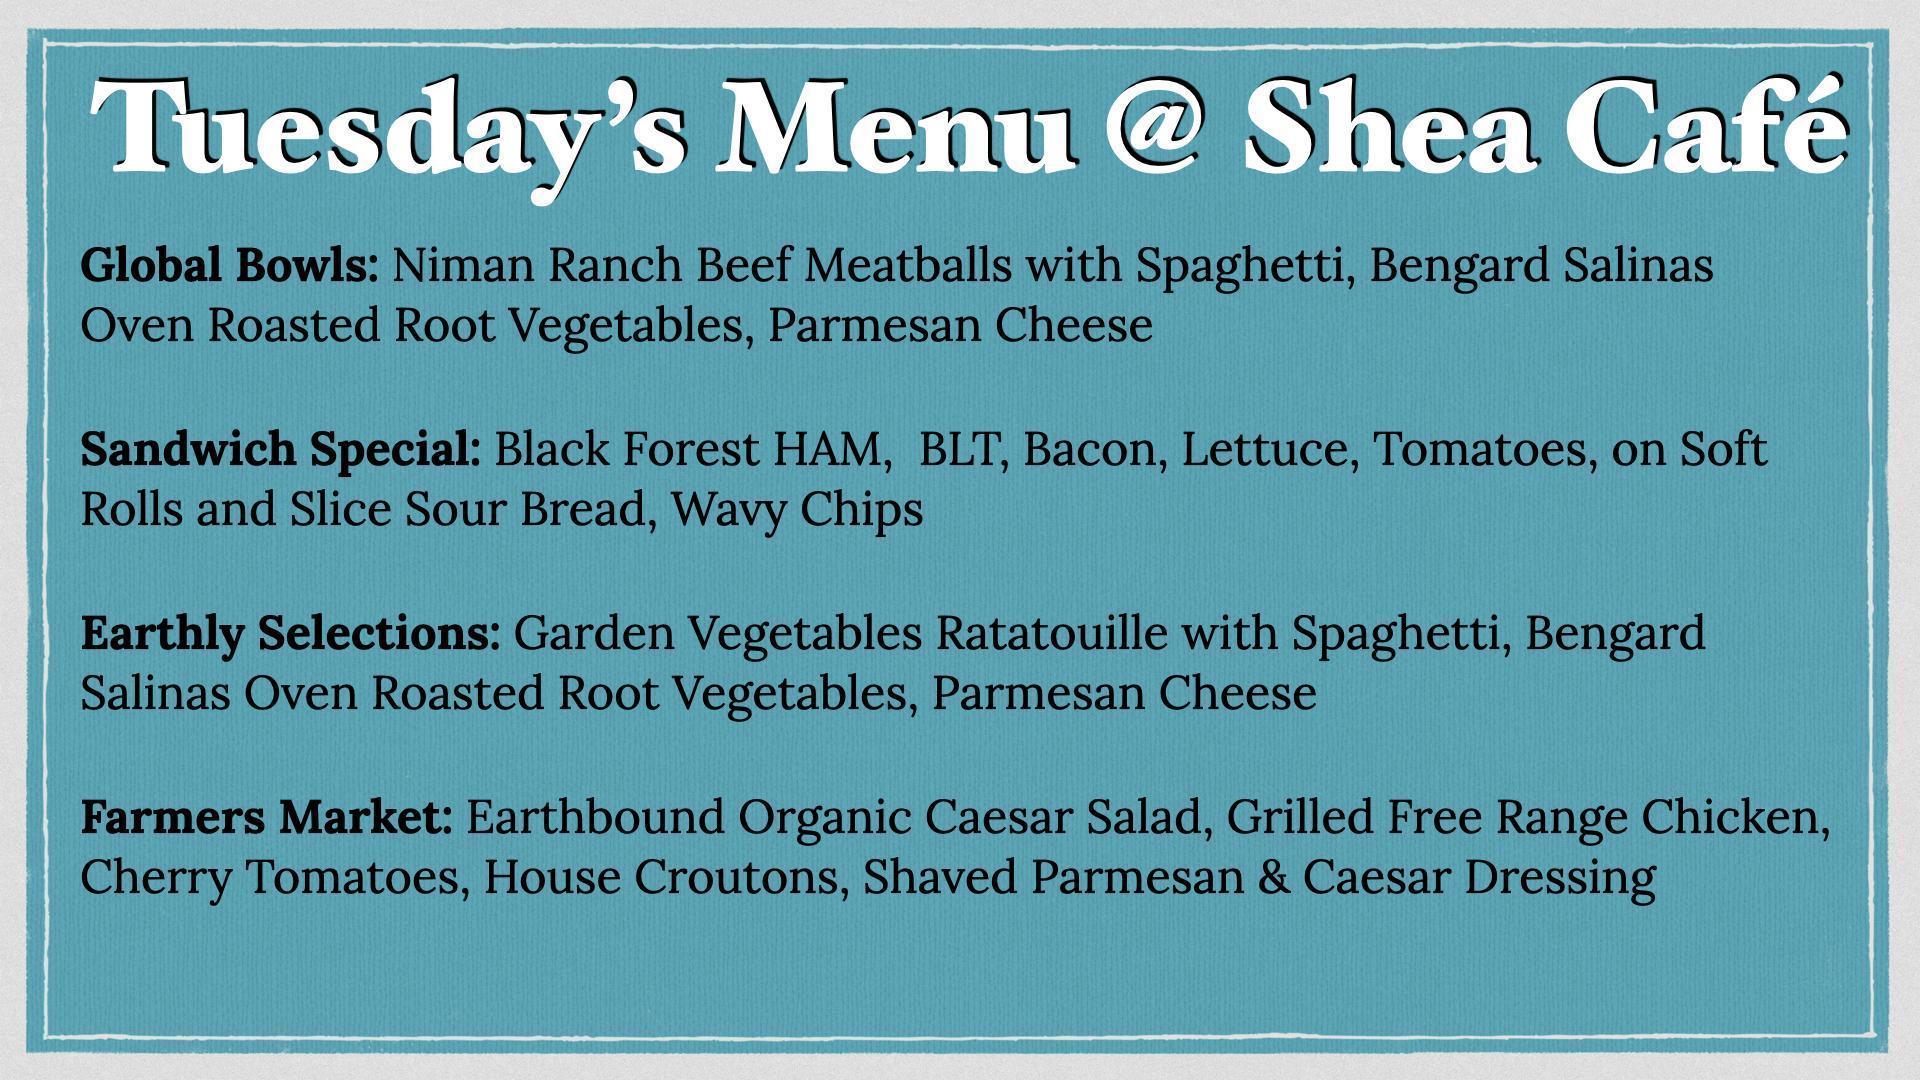 Tuesday's Shea Cafe Menu - October 26, 2021